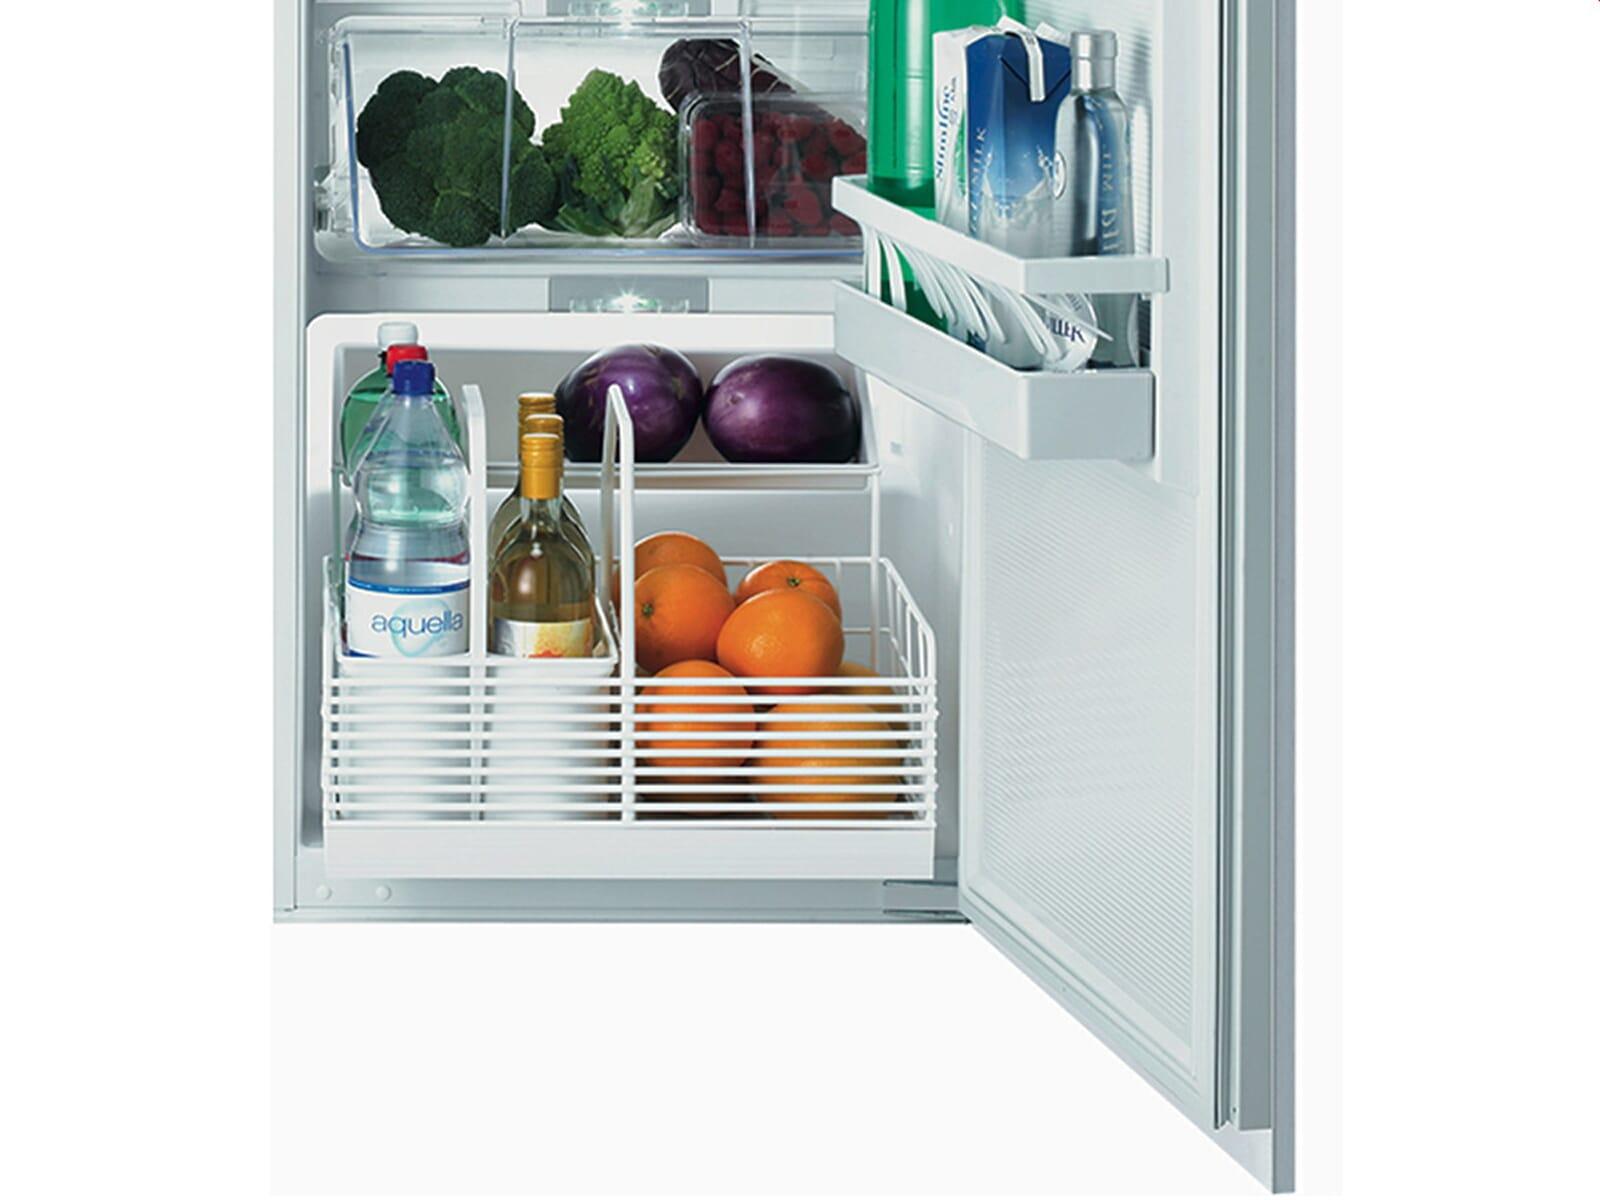 Aufbau Eines Kühlschrank : Großen kühlschrank kaufen ikea metod aufbau tipps um fehler zu